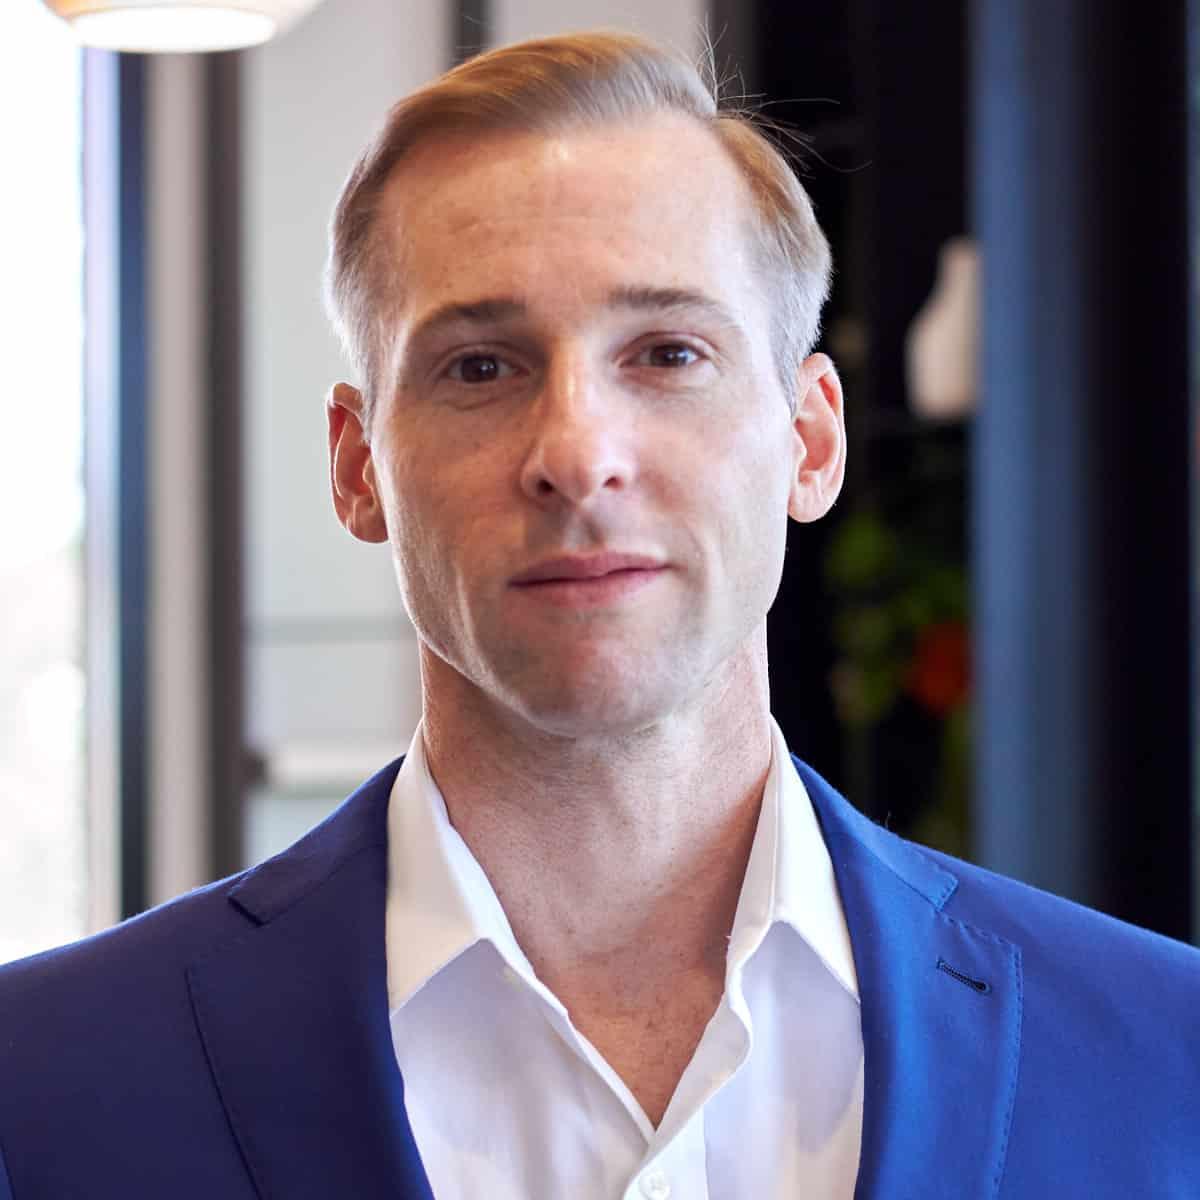 Blake Lindgren